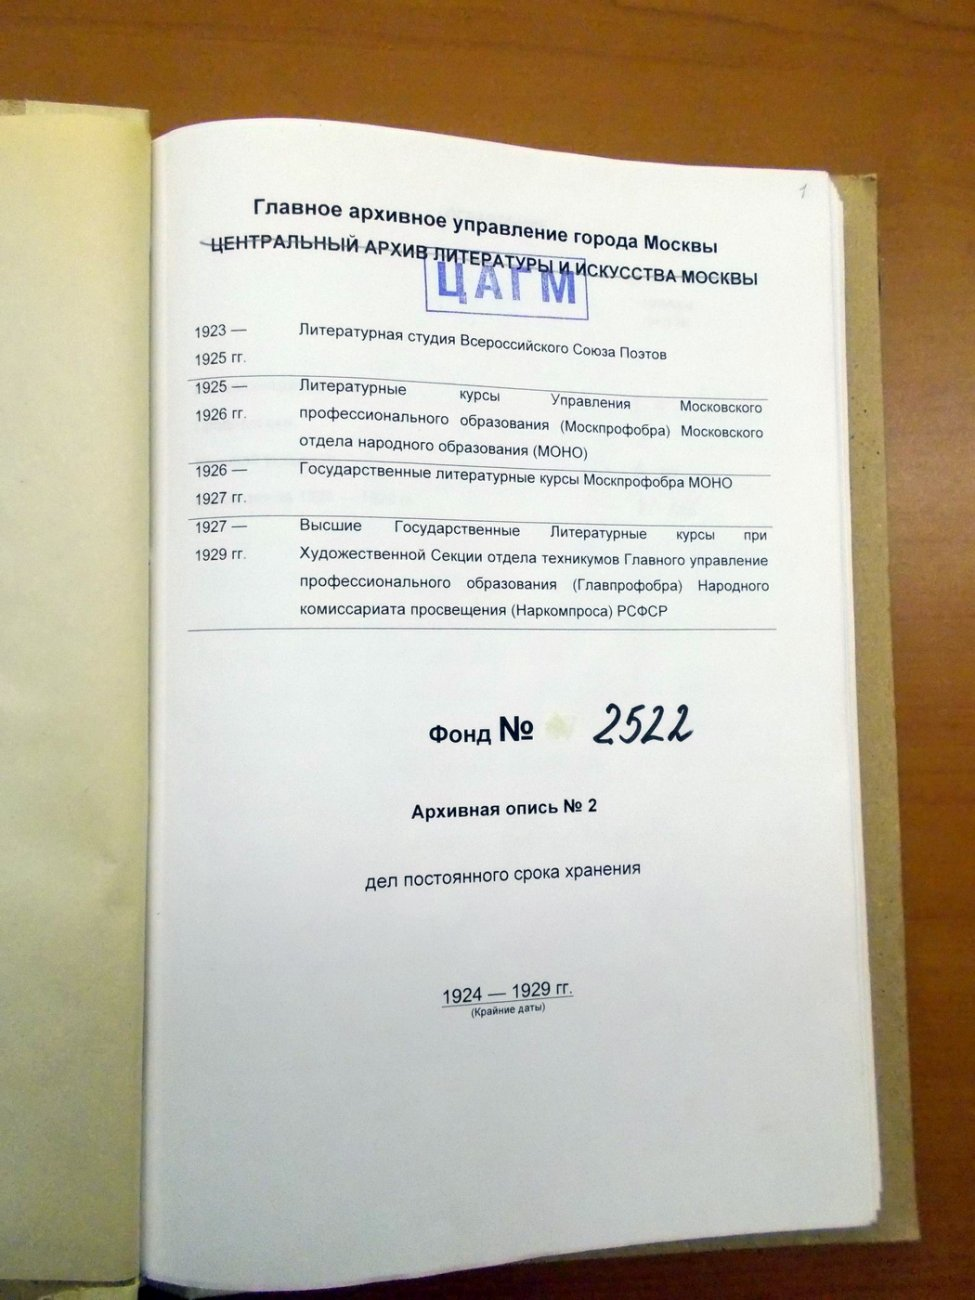 DSCN9270-2.JPG